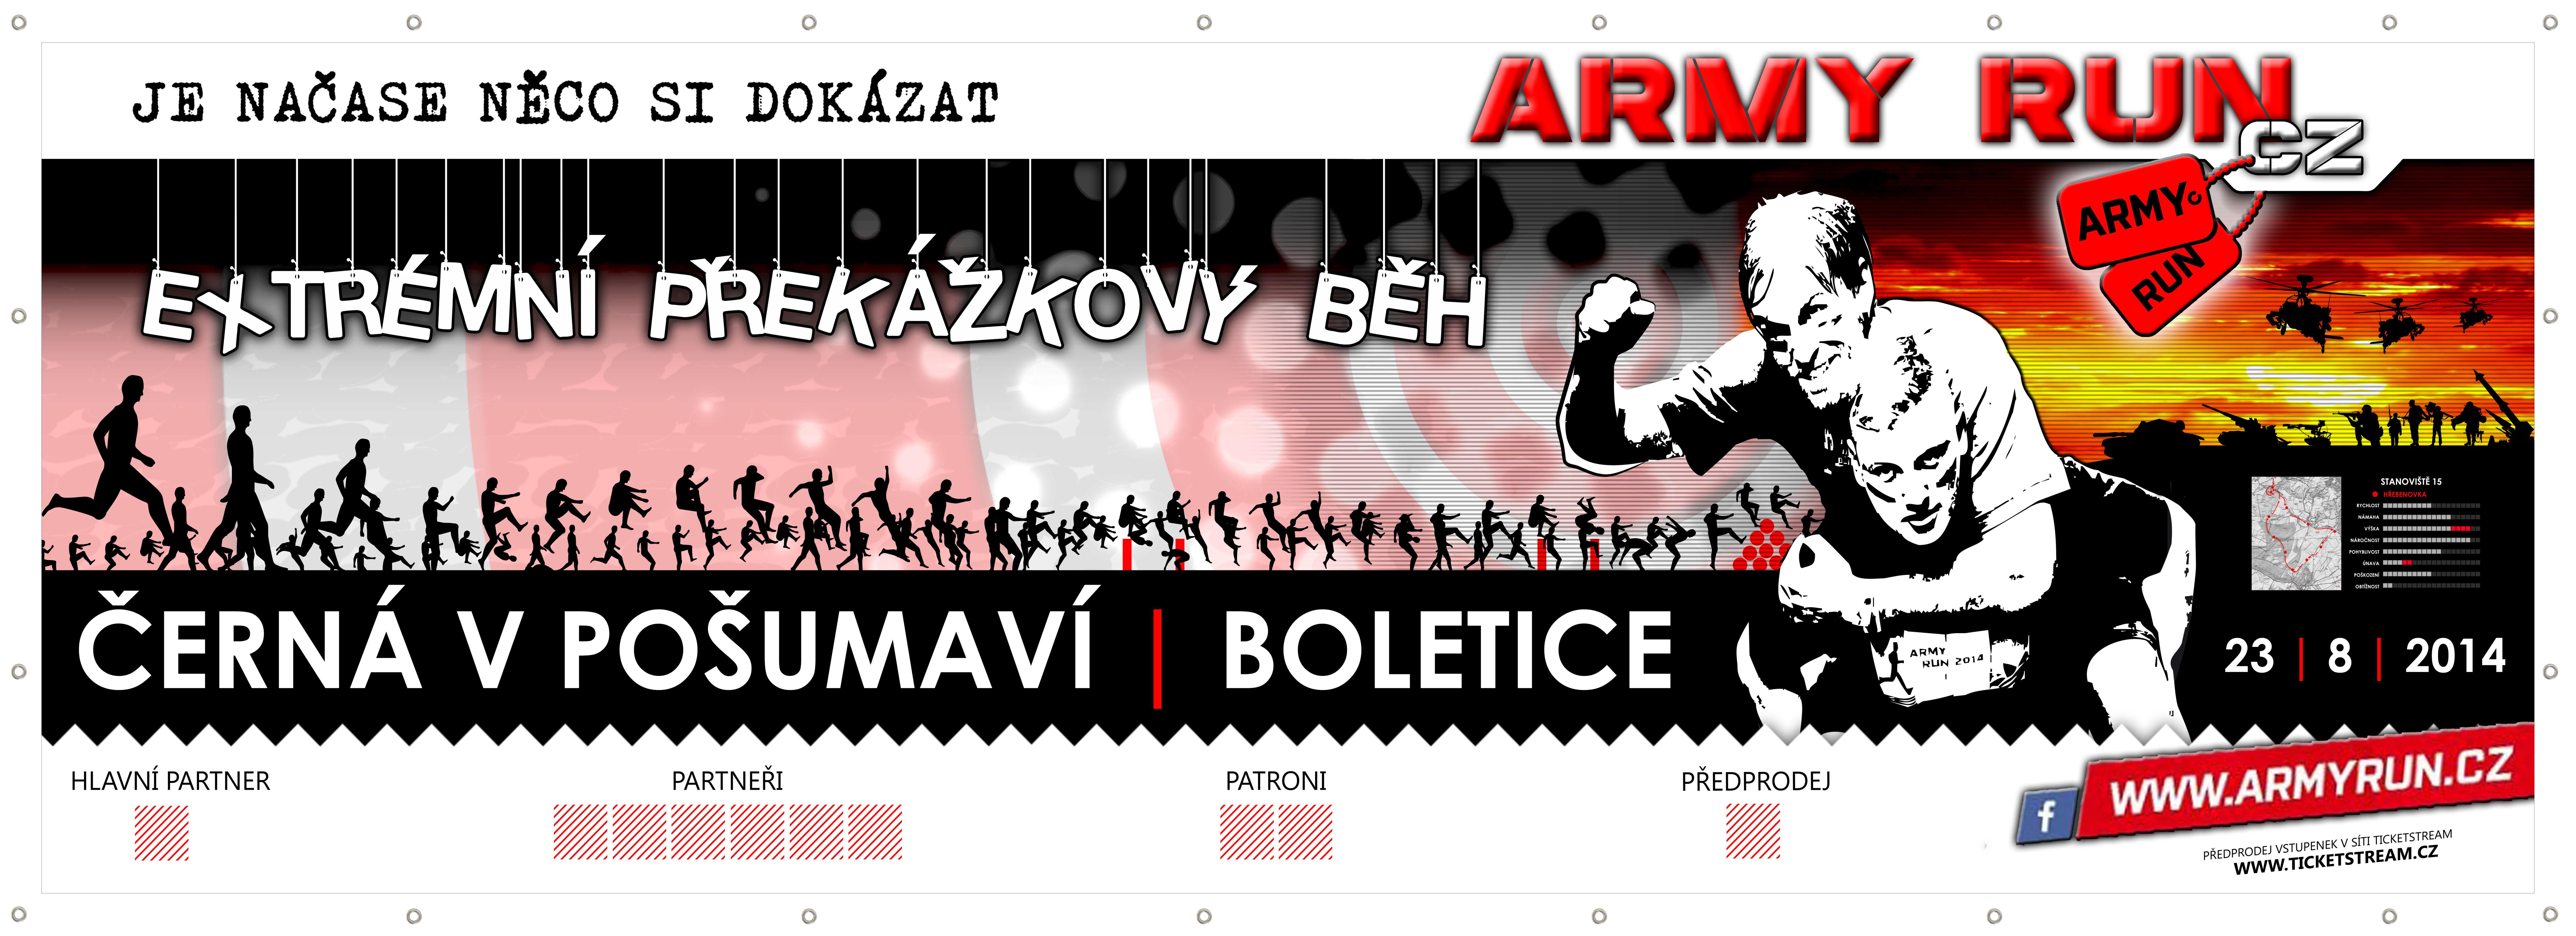 armyrun 2014 3mm